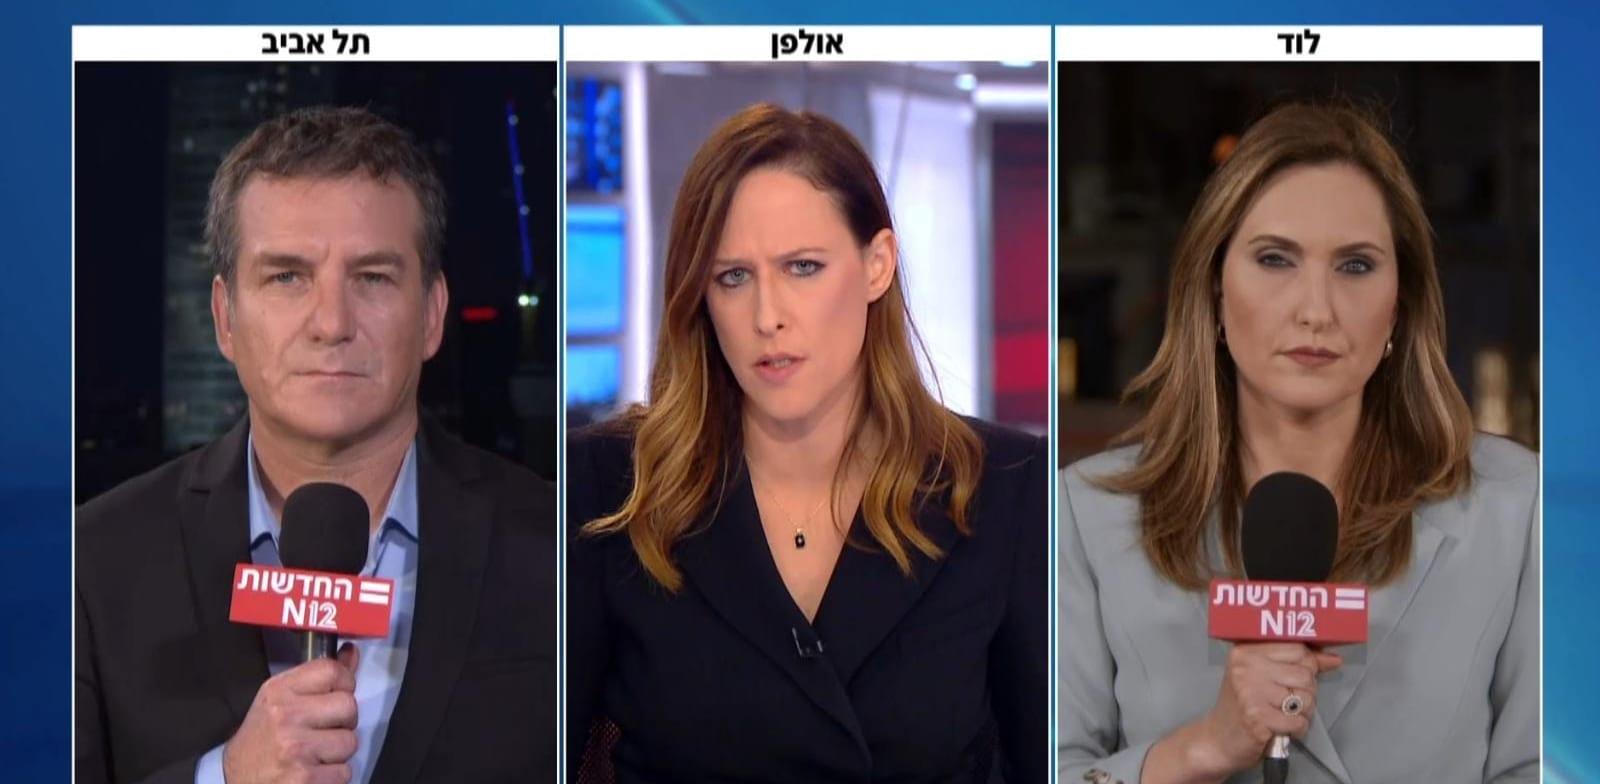 """קרן מרציאנו, יונית לוי ודני קושמרו - חדשות 12 / צילום: יח""""צ"""